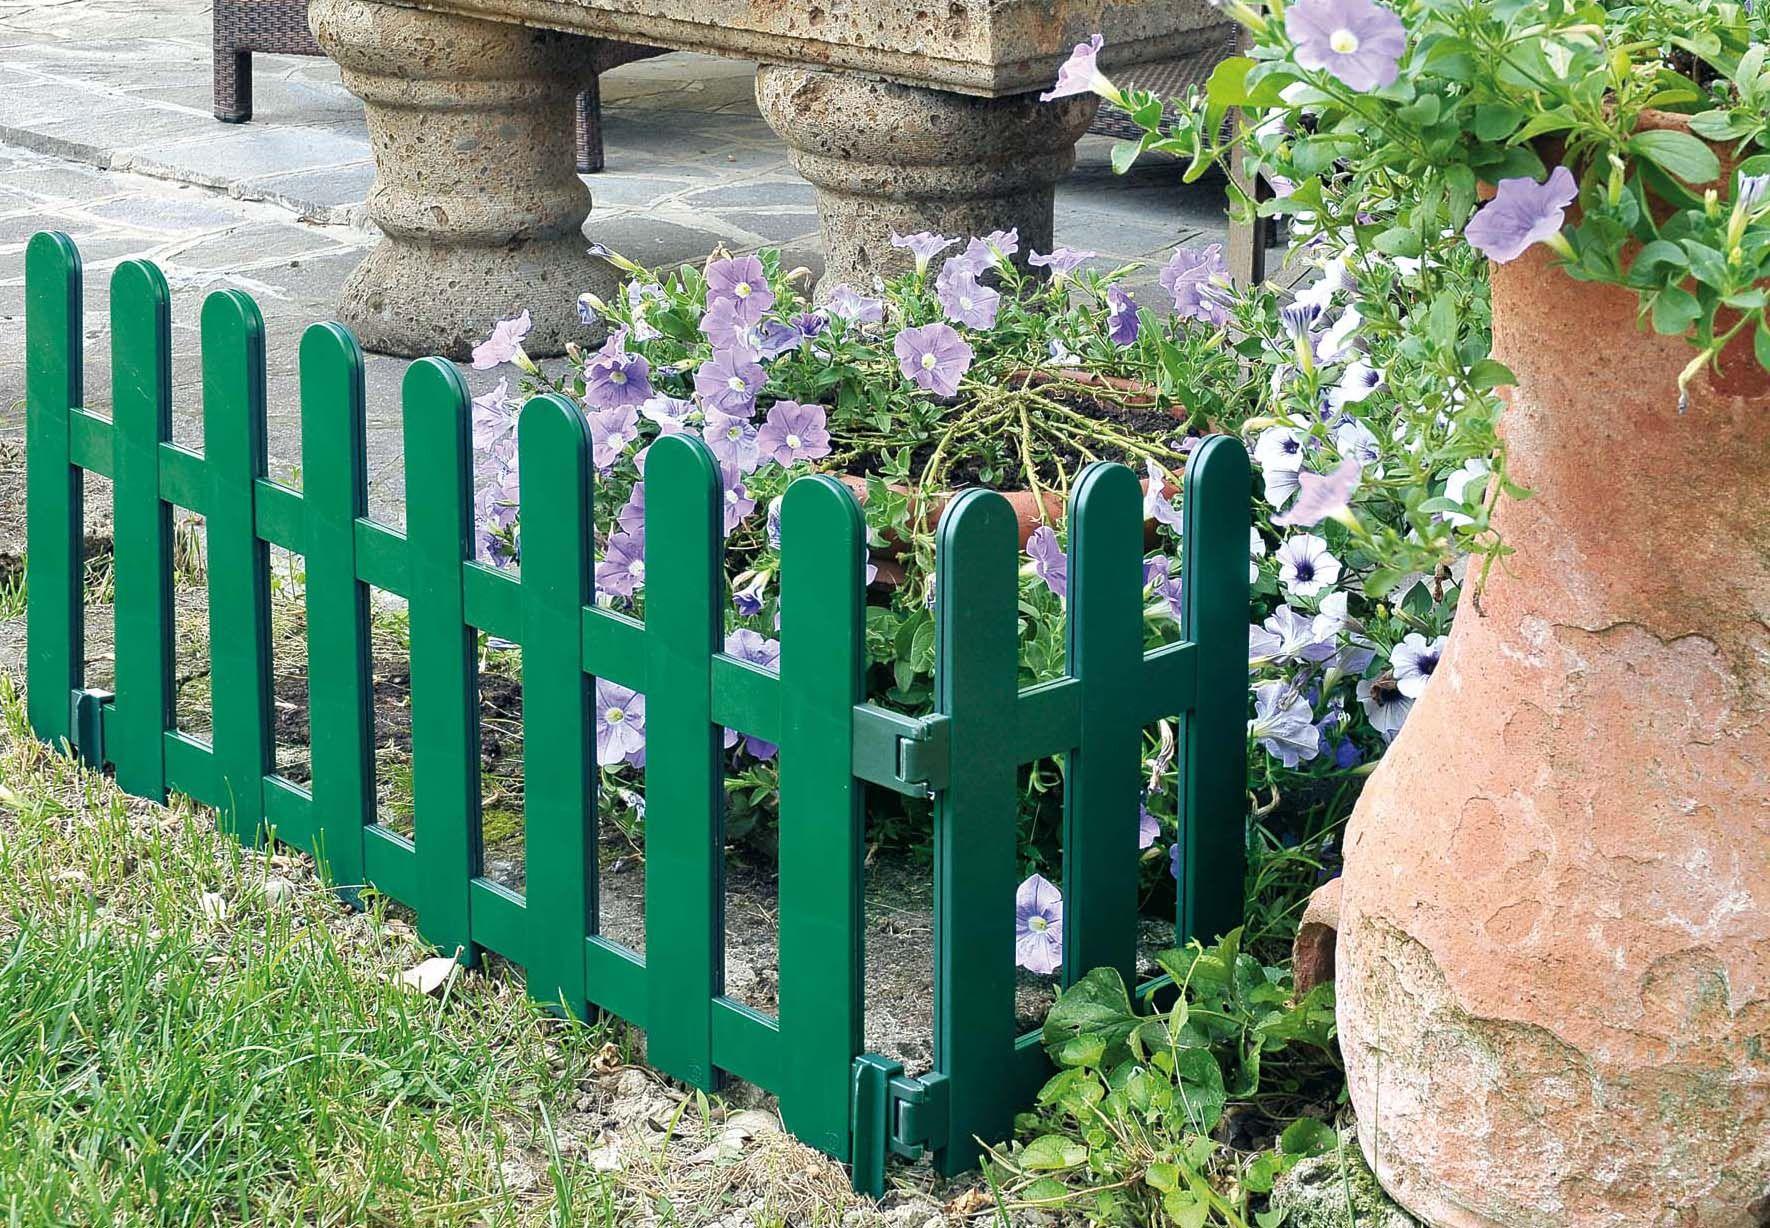 Bordure De Jardin En Plastique. Une Clôture De Jardin ... à Bordure De Jardin En Plastique